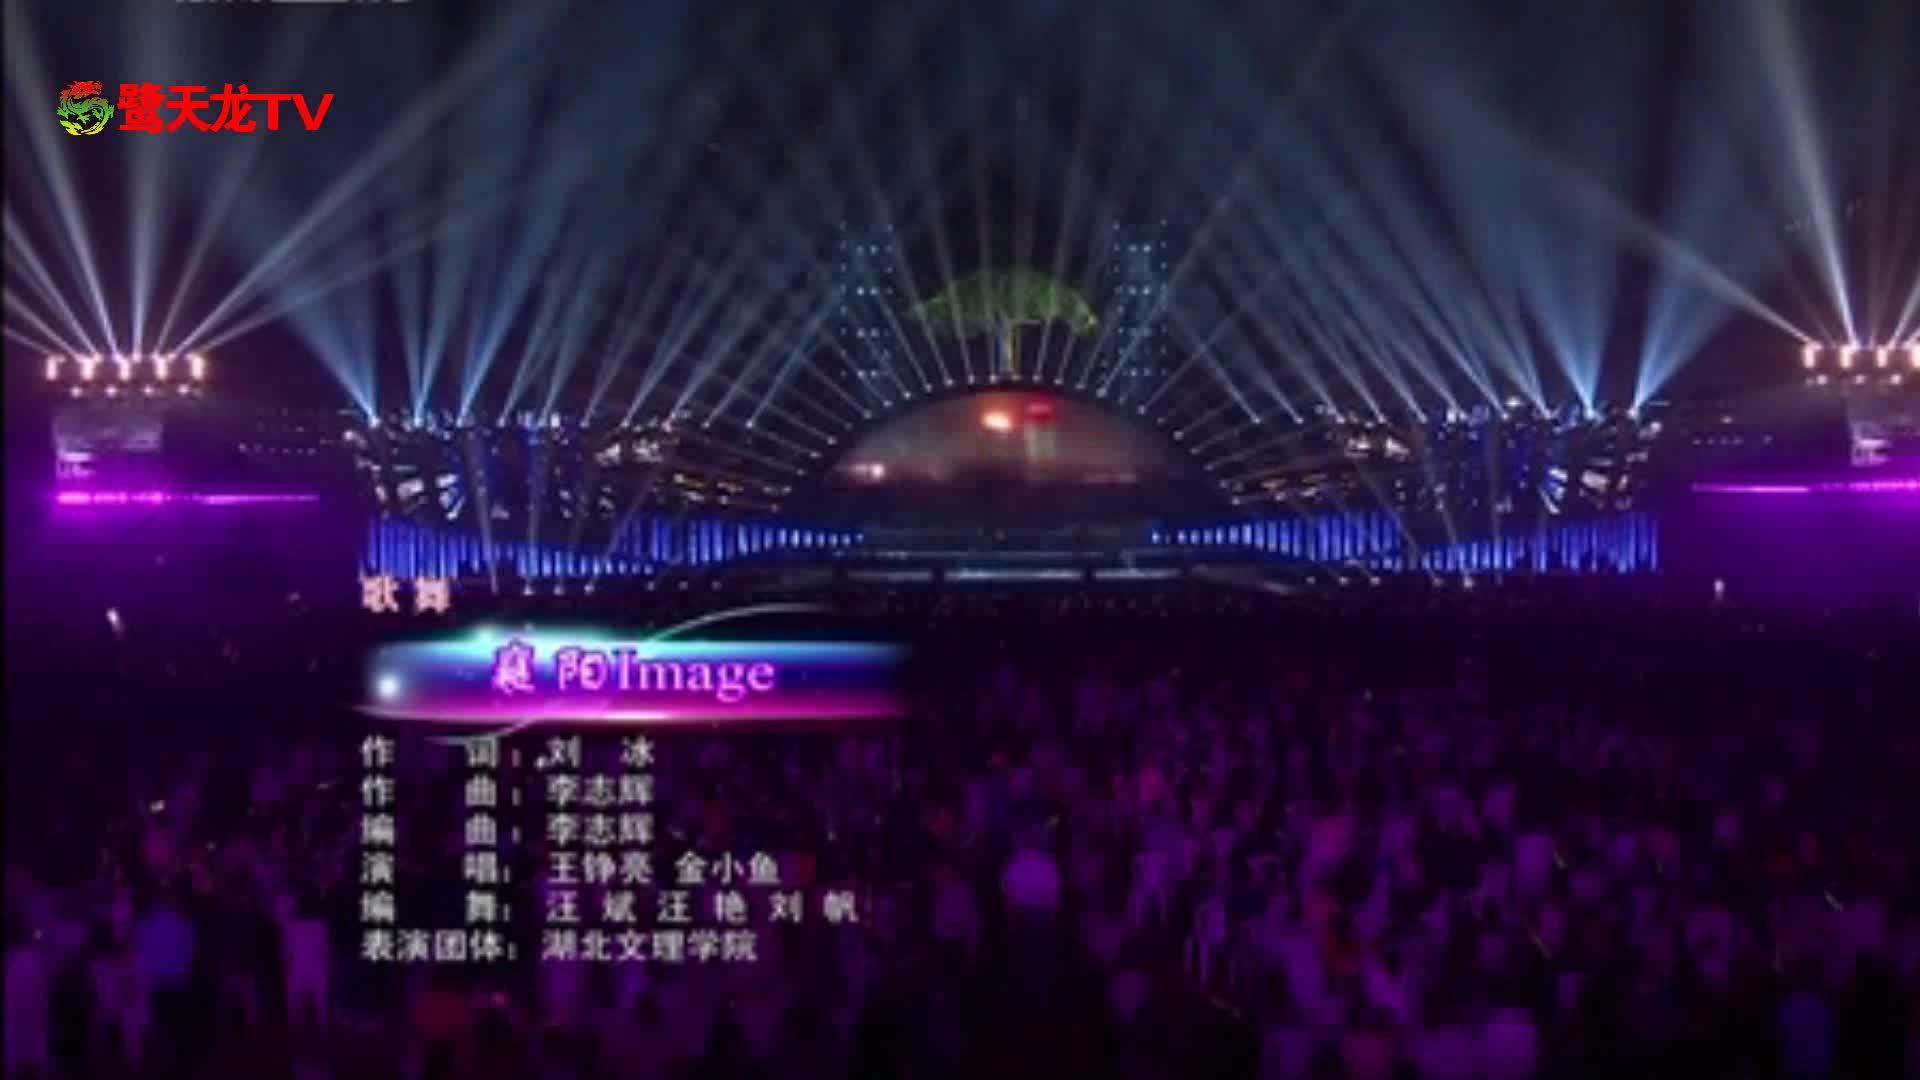 襄阳诸葛亮文化旅游节-歌舞《襄阳Image》王铮亮金小鱼